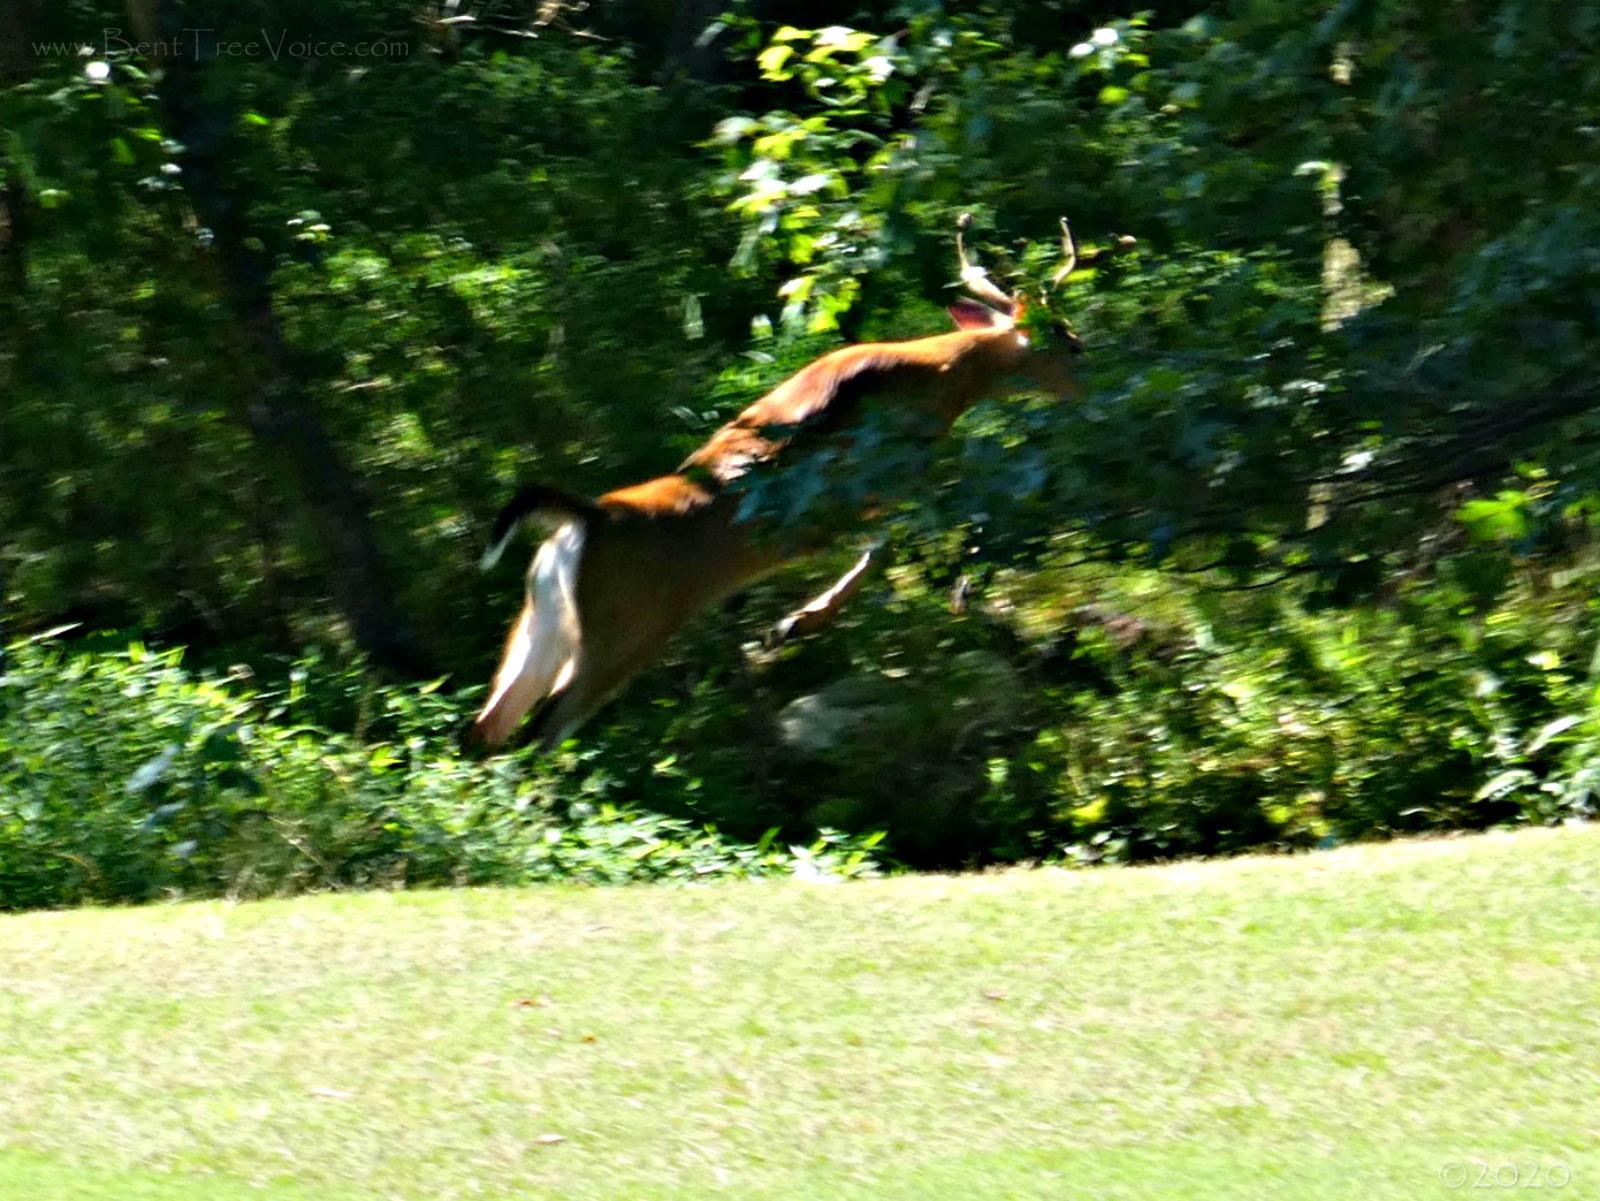 July 13, 2020 - Buck leaping across the side creek on Hole 5